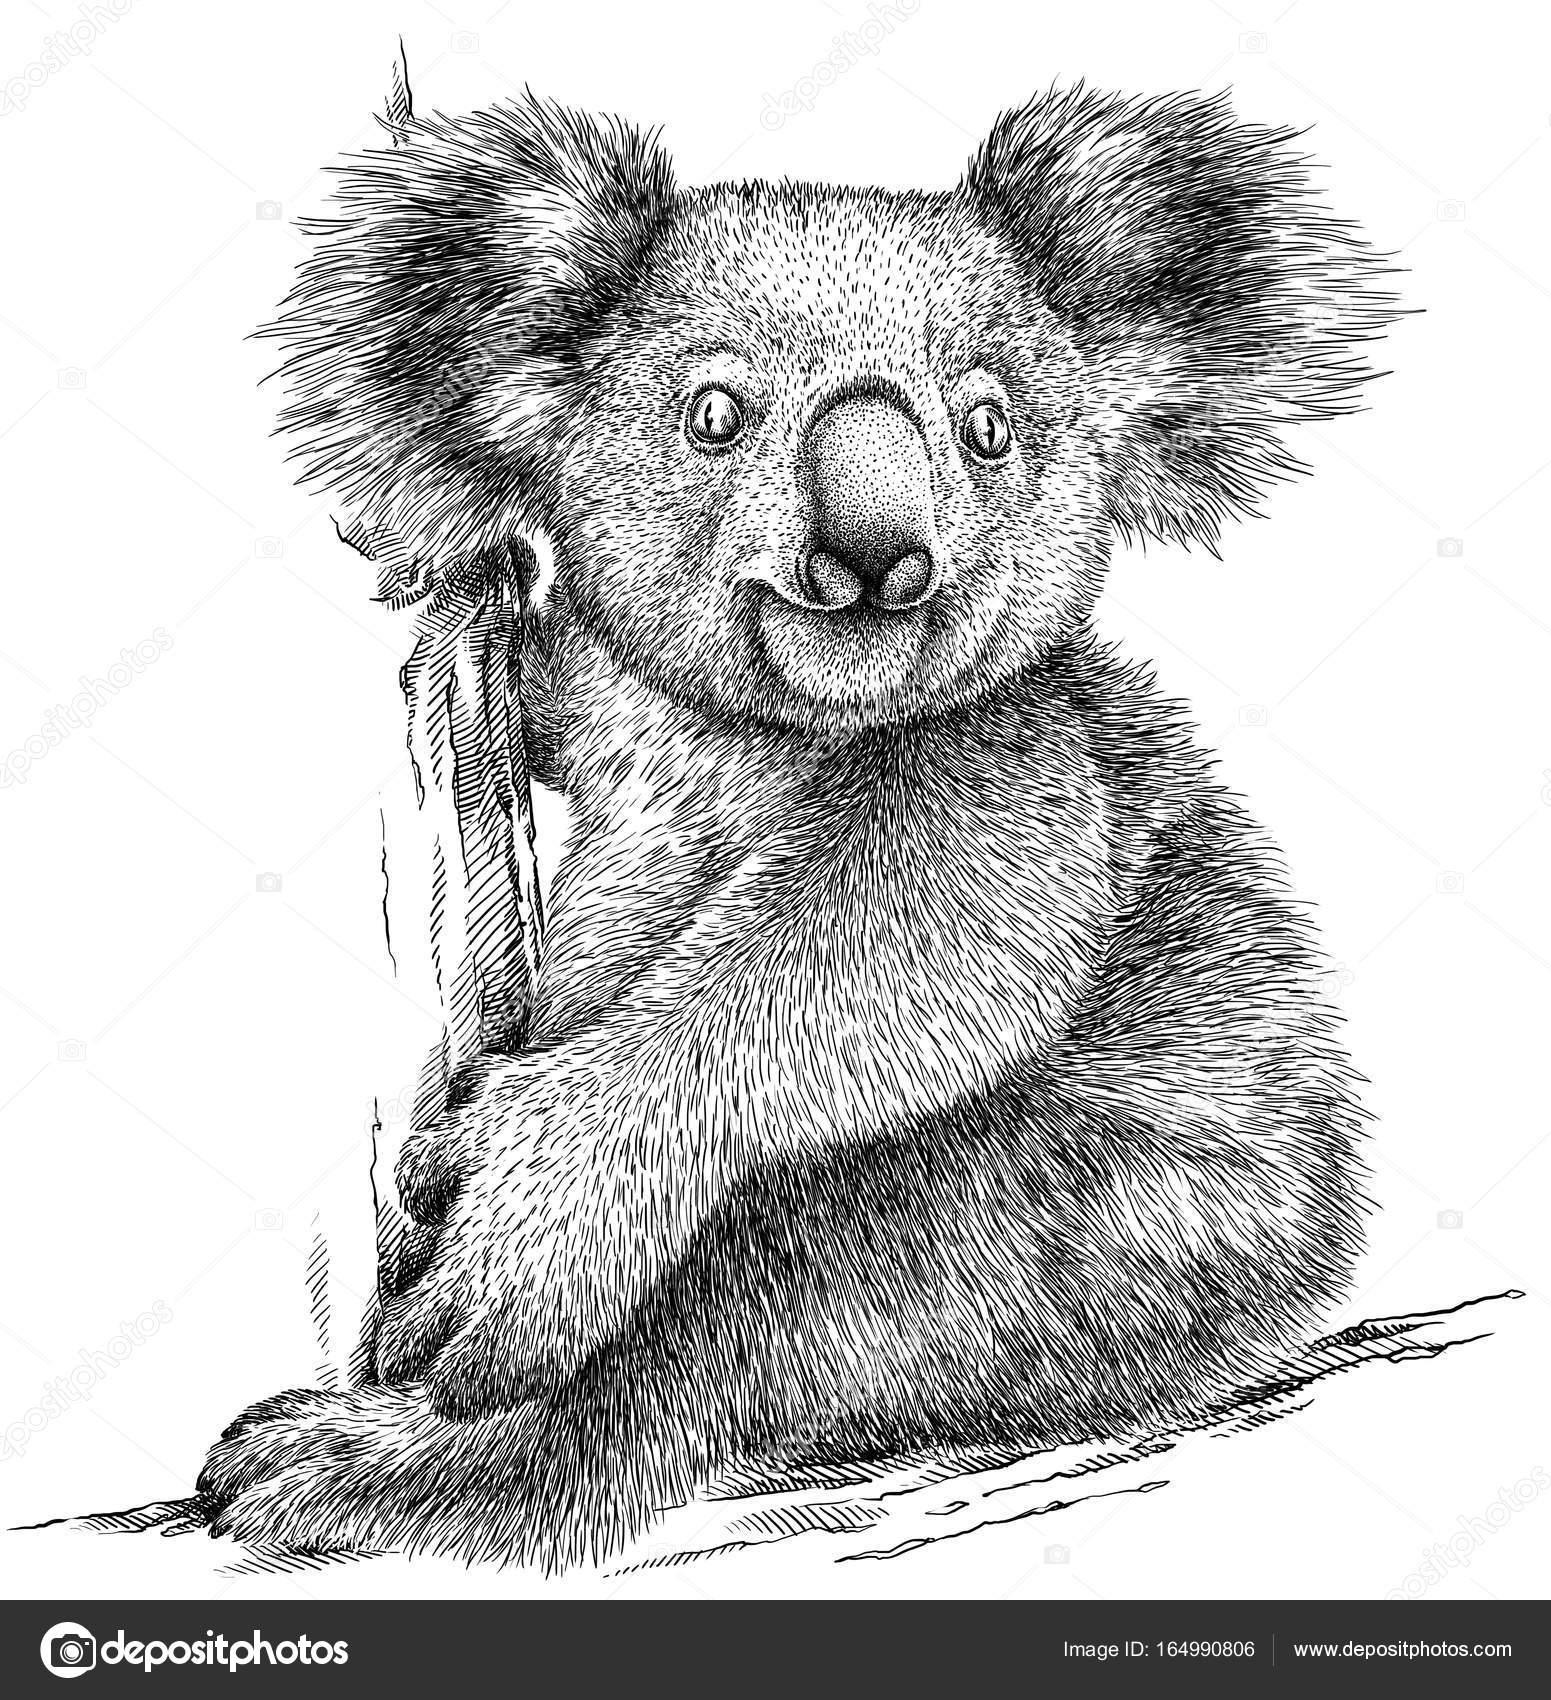 Noir et blanc graver illustration isolée de koala photo